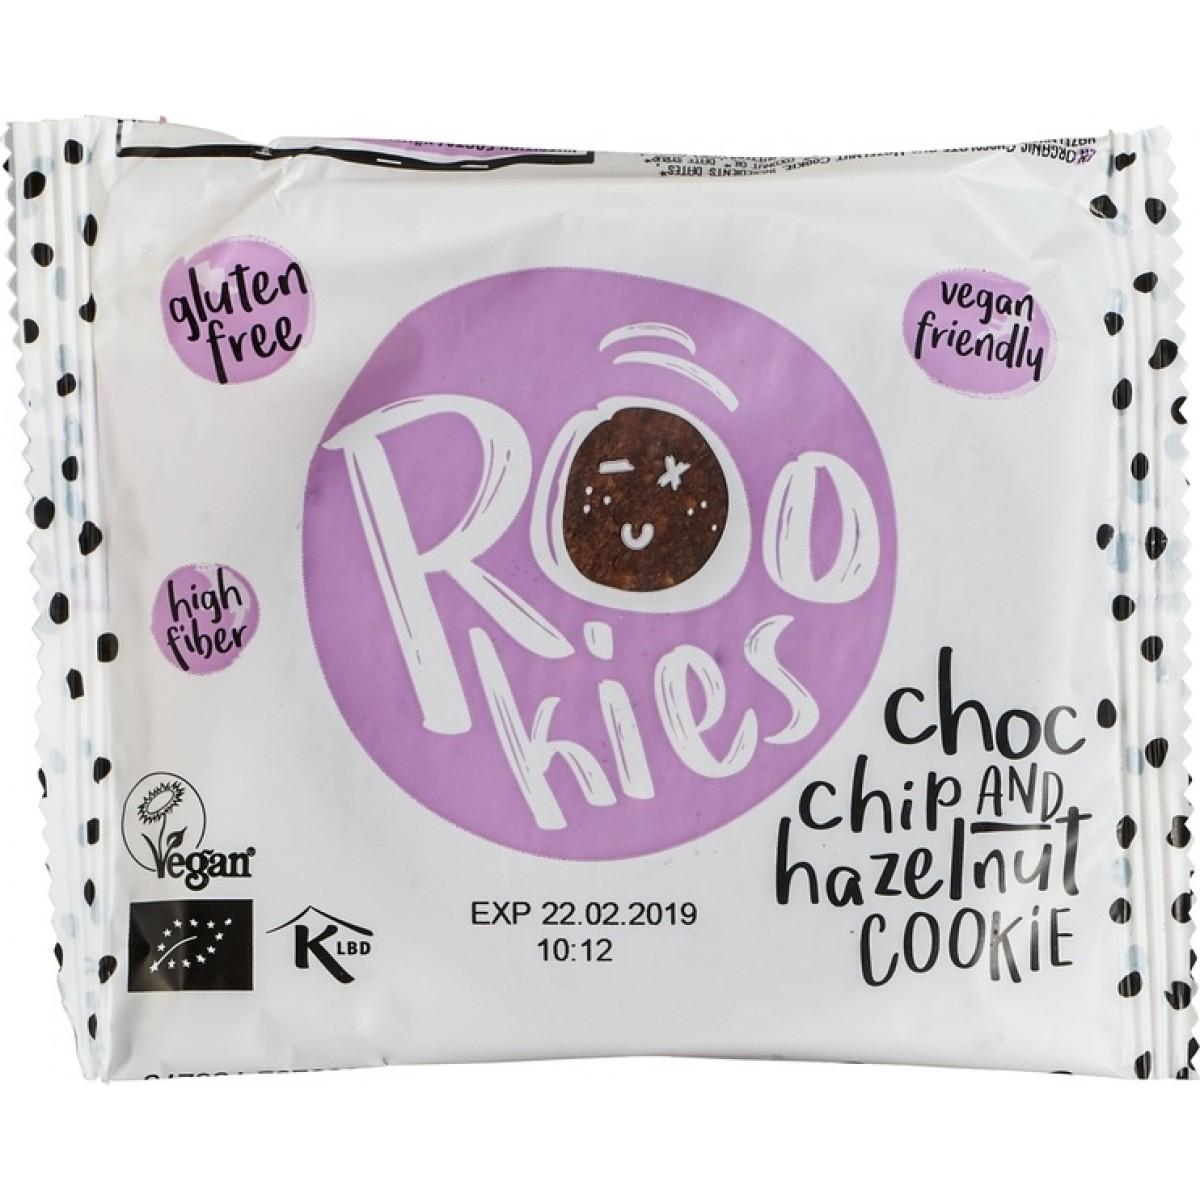 Cookie Choc Chip & Hazelnut